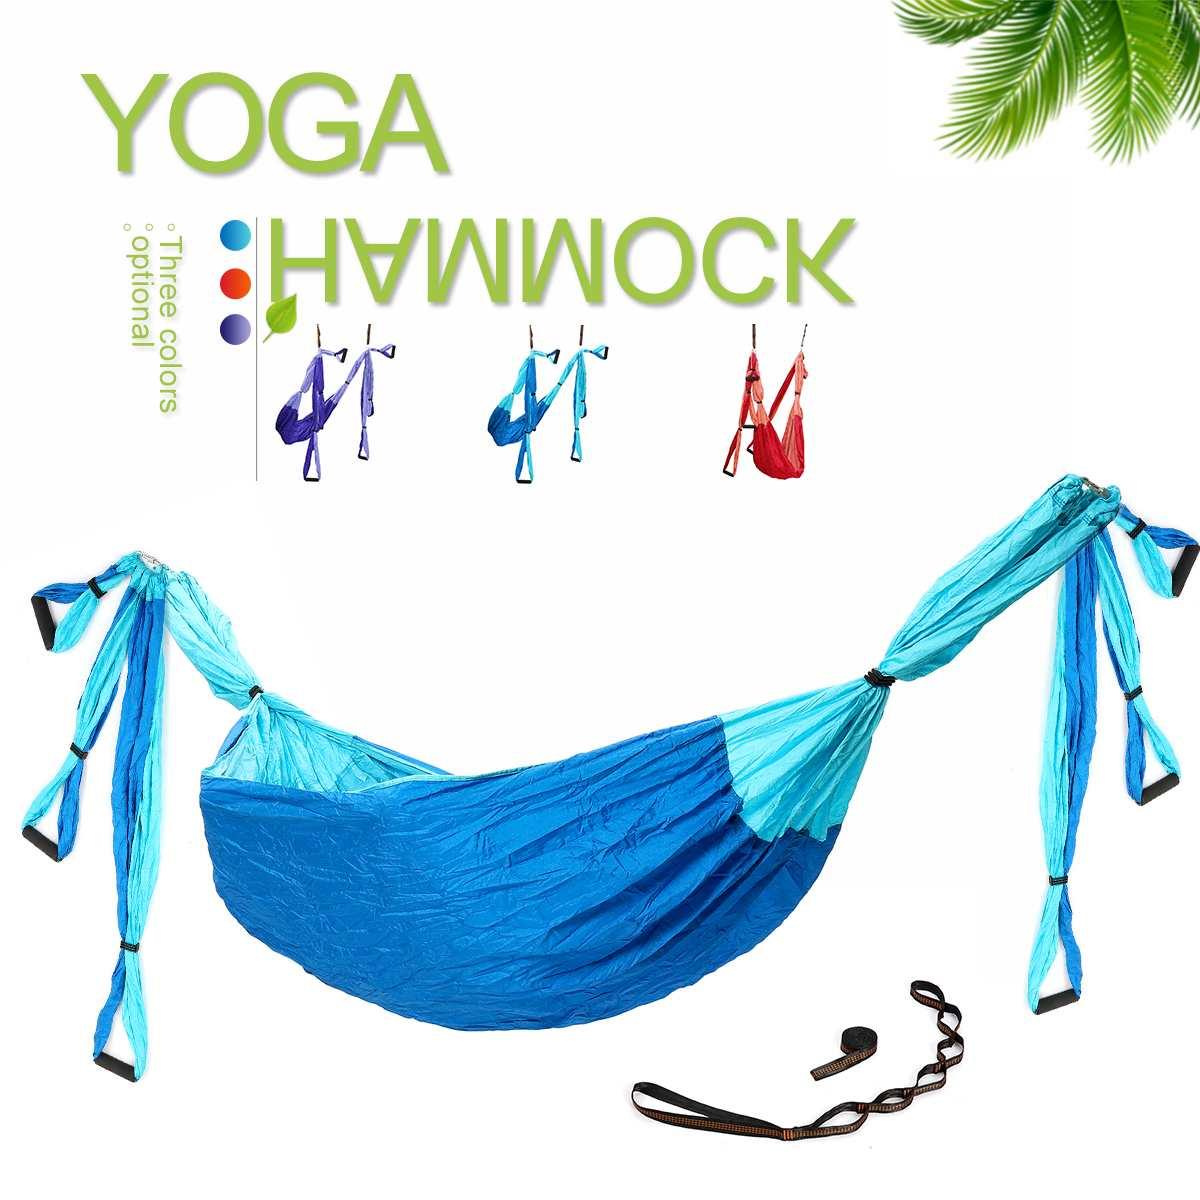 Hamac de Yoga Anti Gravité Ulm Parachute 210 T Nylon Tissu Aérienne De Yoga équipement de fitness Gym À Domicile